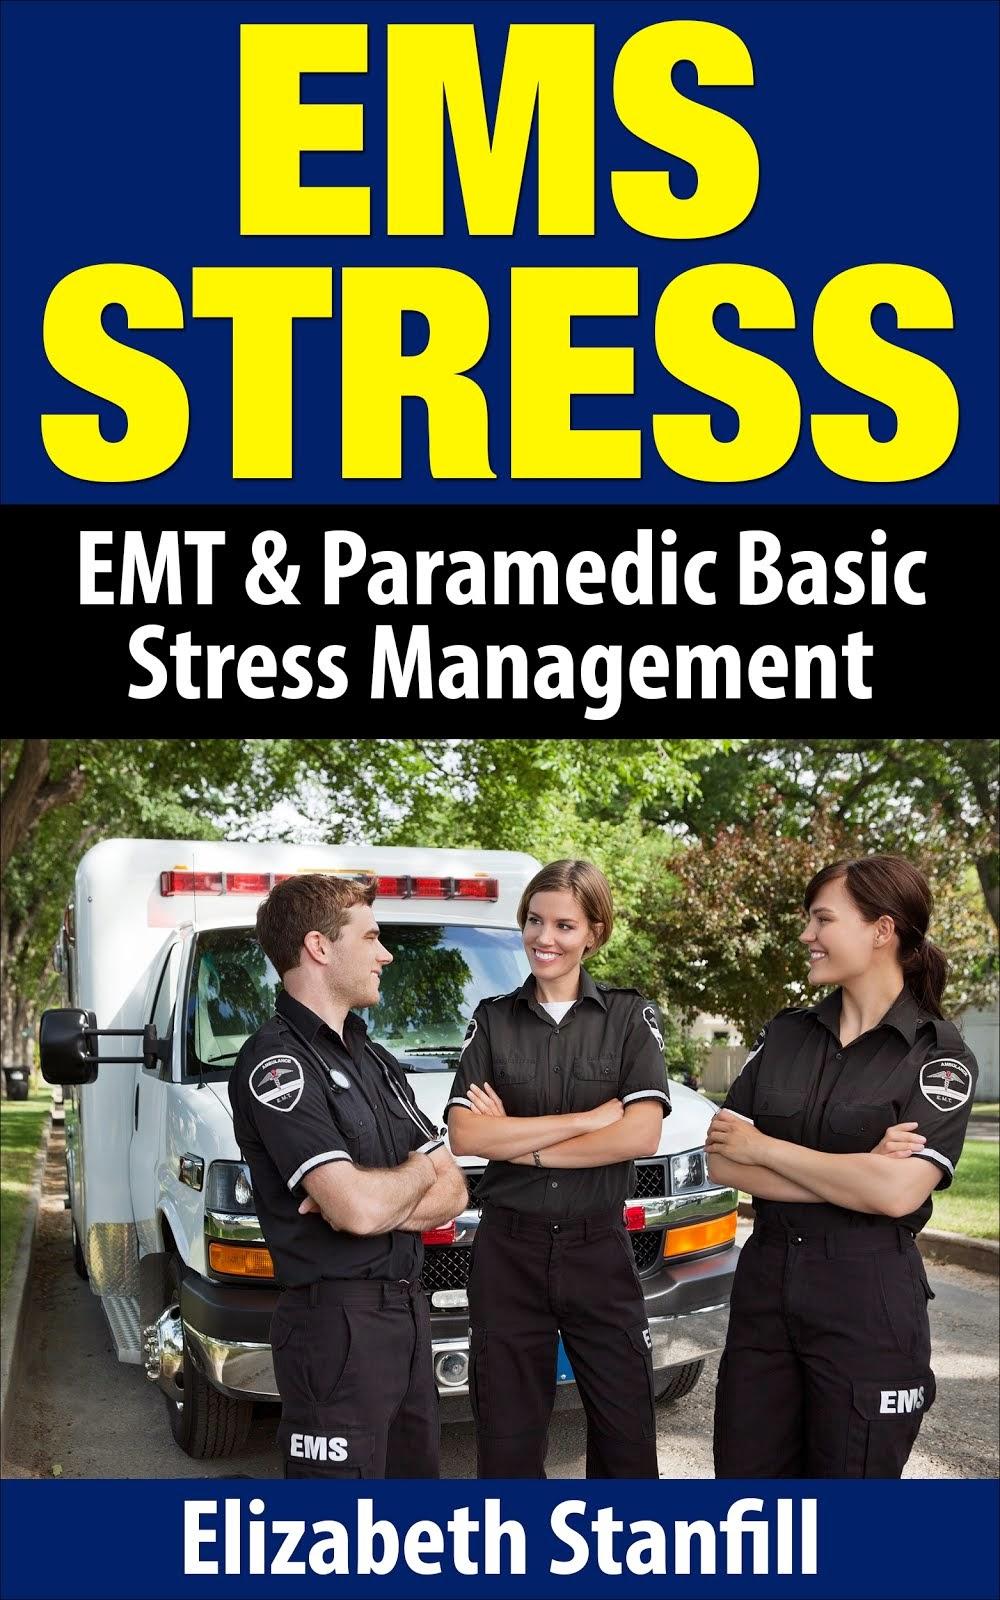 EMS STRESS BOOK